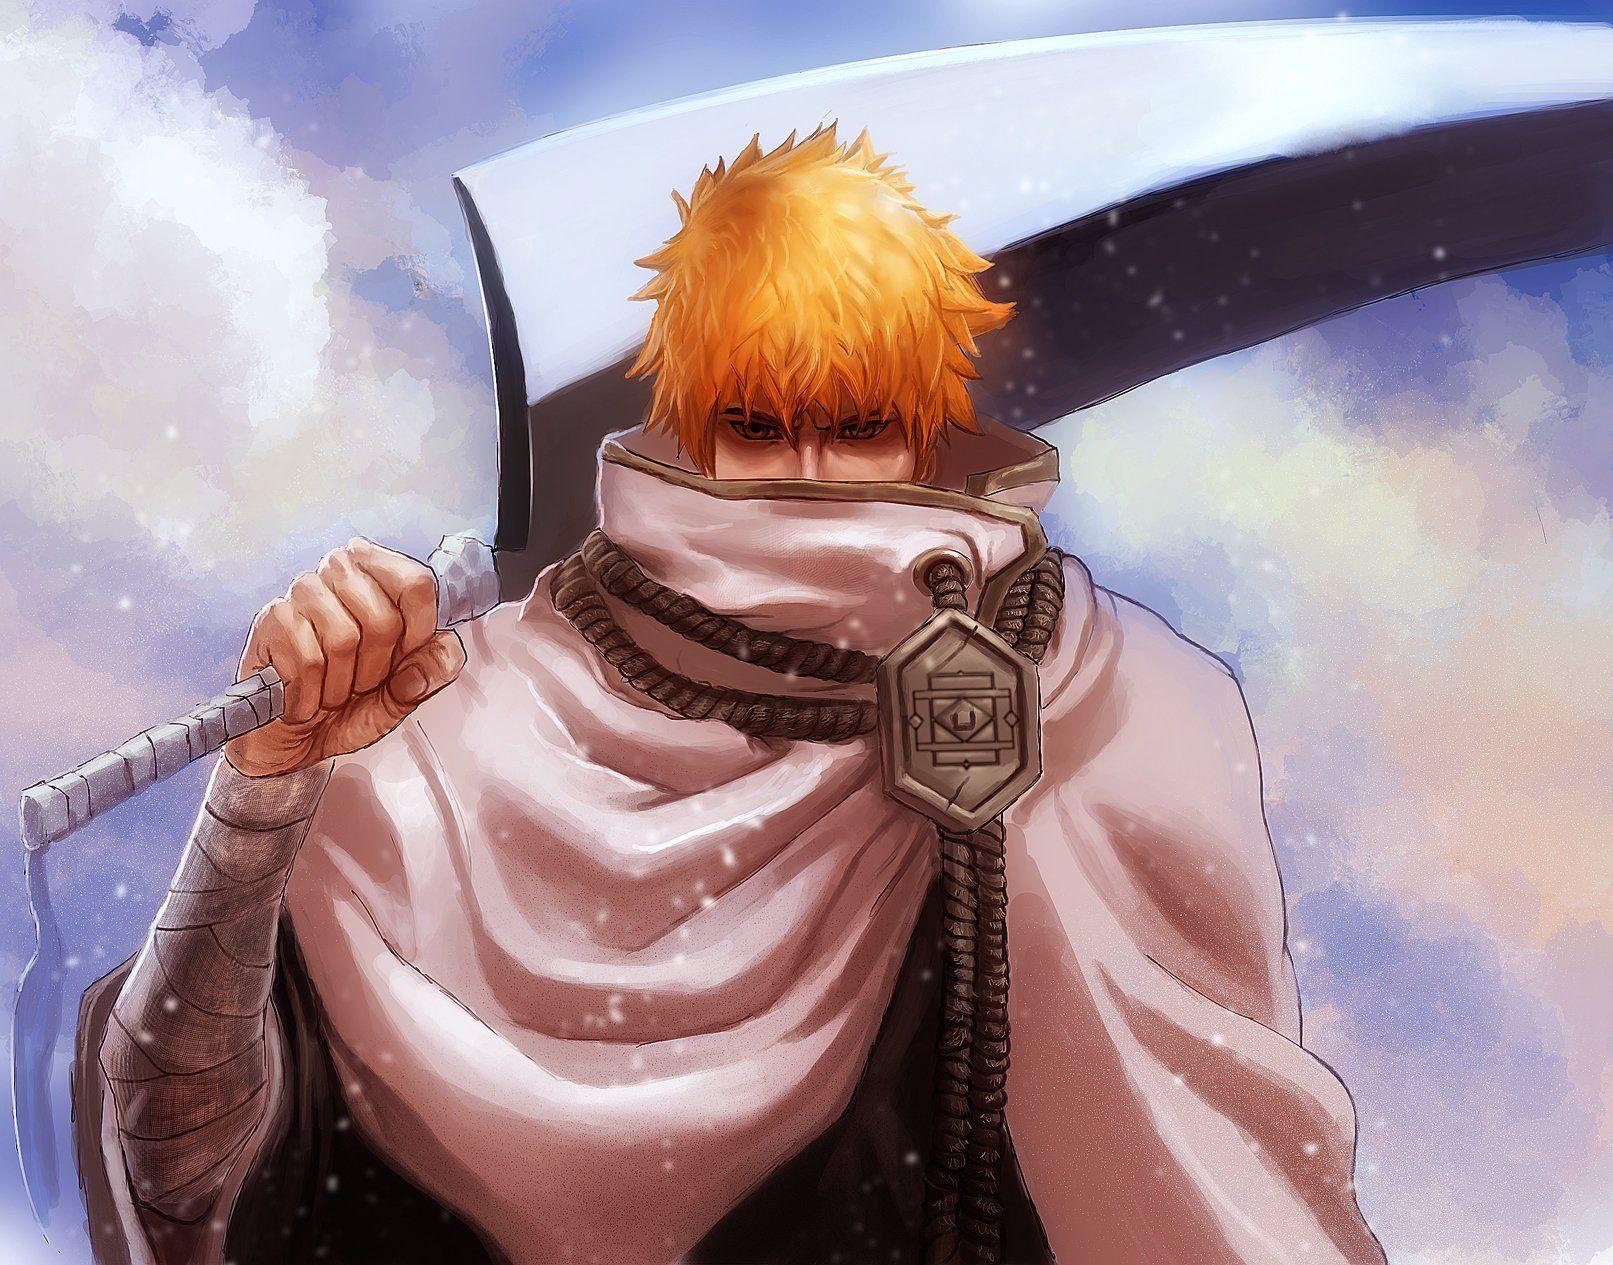 Anime Series Bleach Sword Orange Hair Ichigo Kurosaki Character Bleach Ichigo Bankai Bleach Anime Bleach Swords